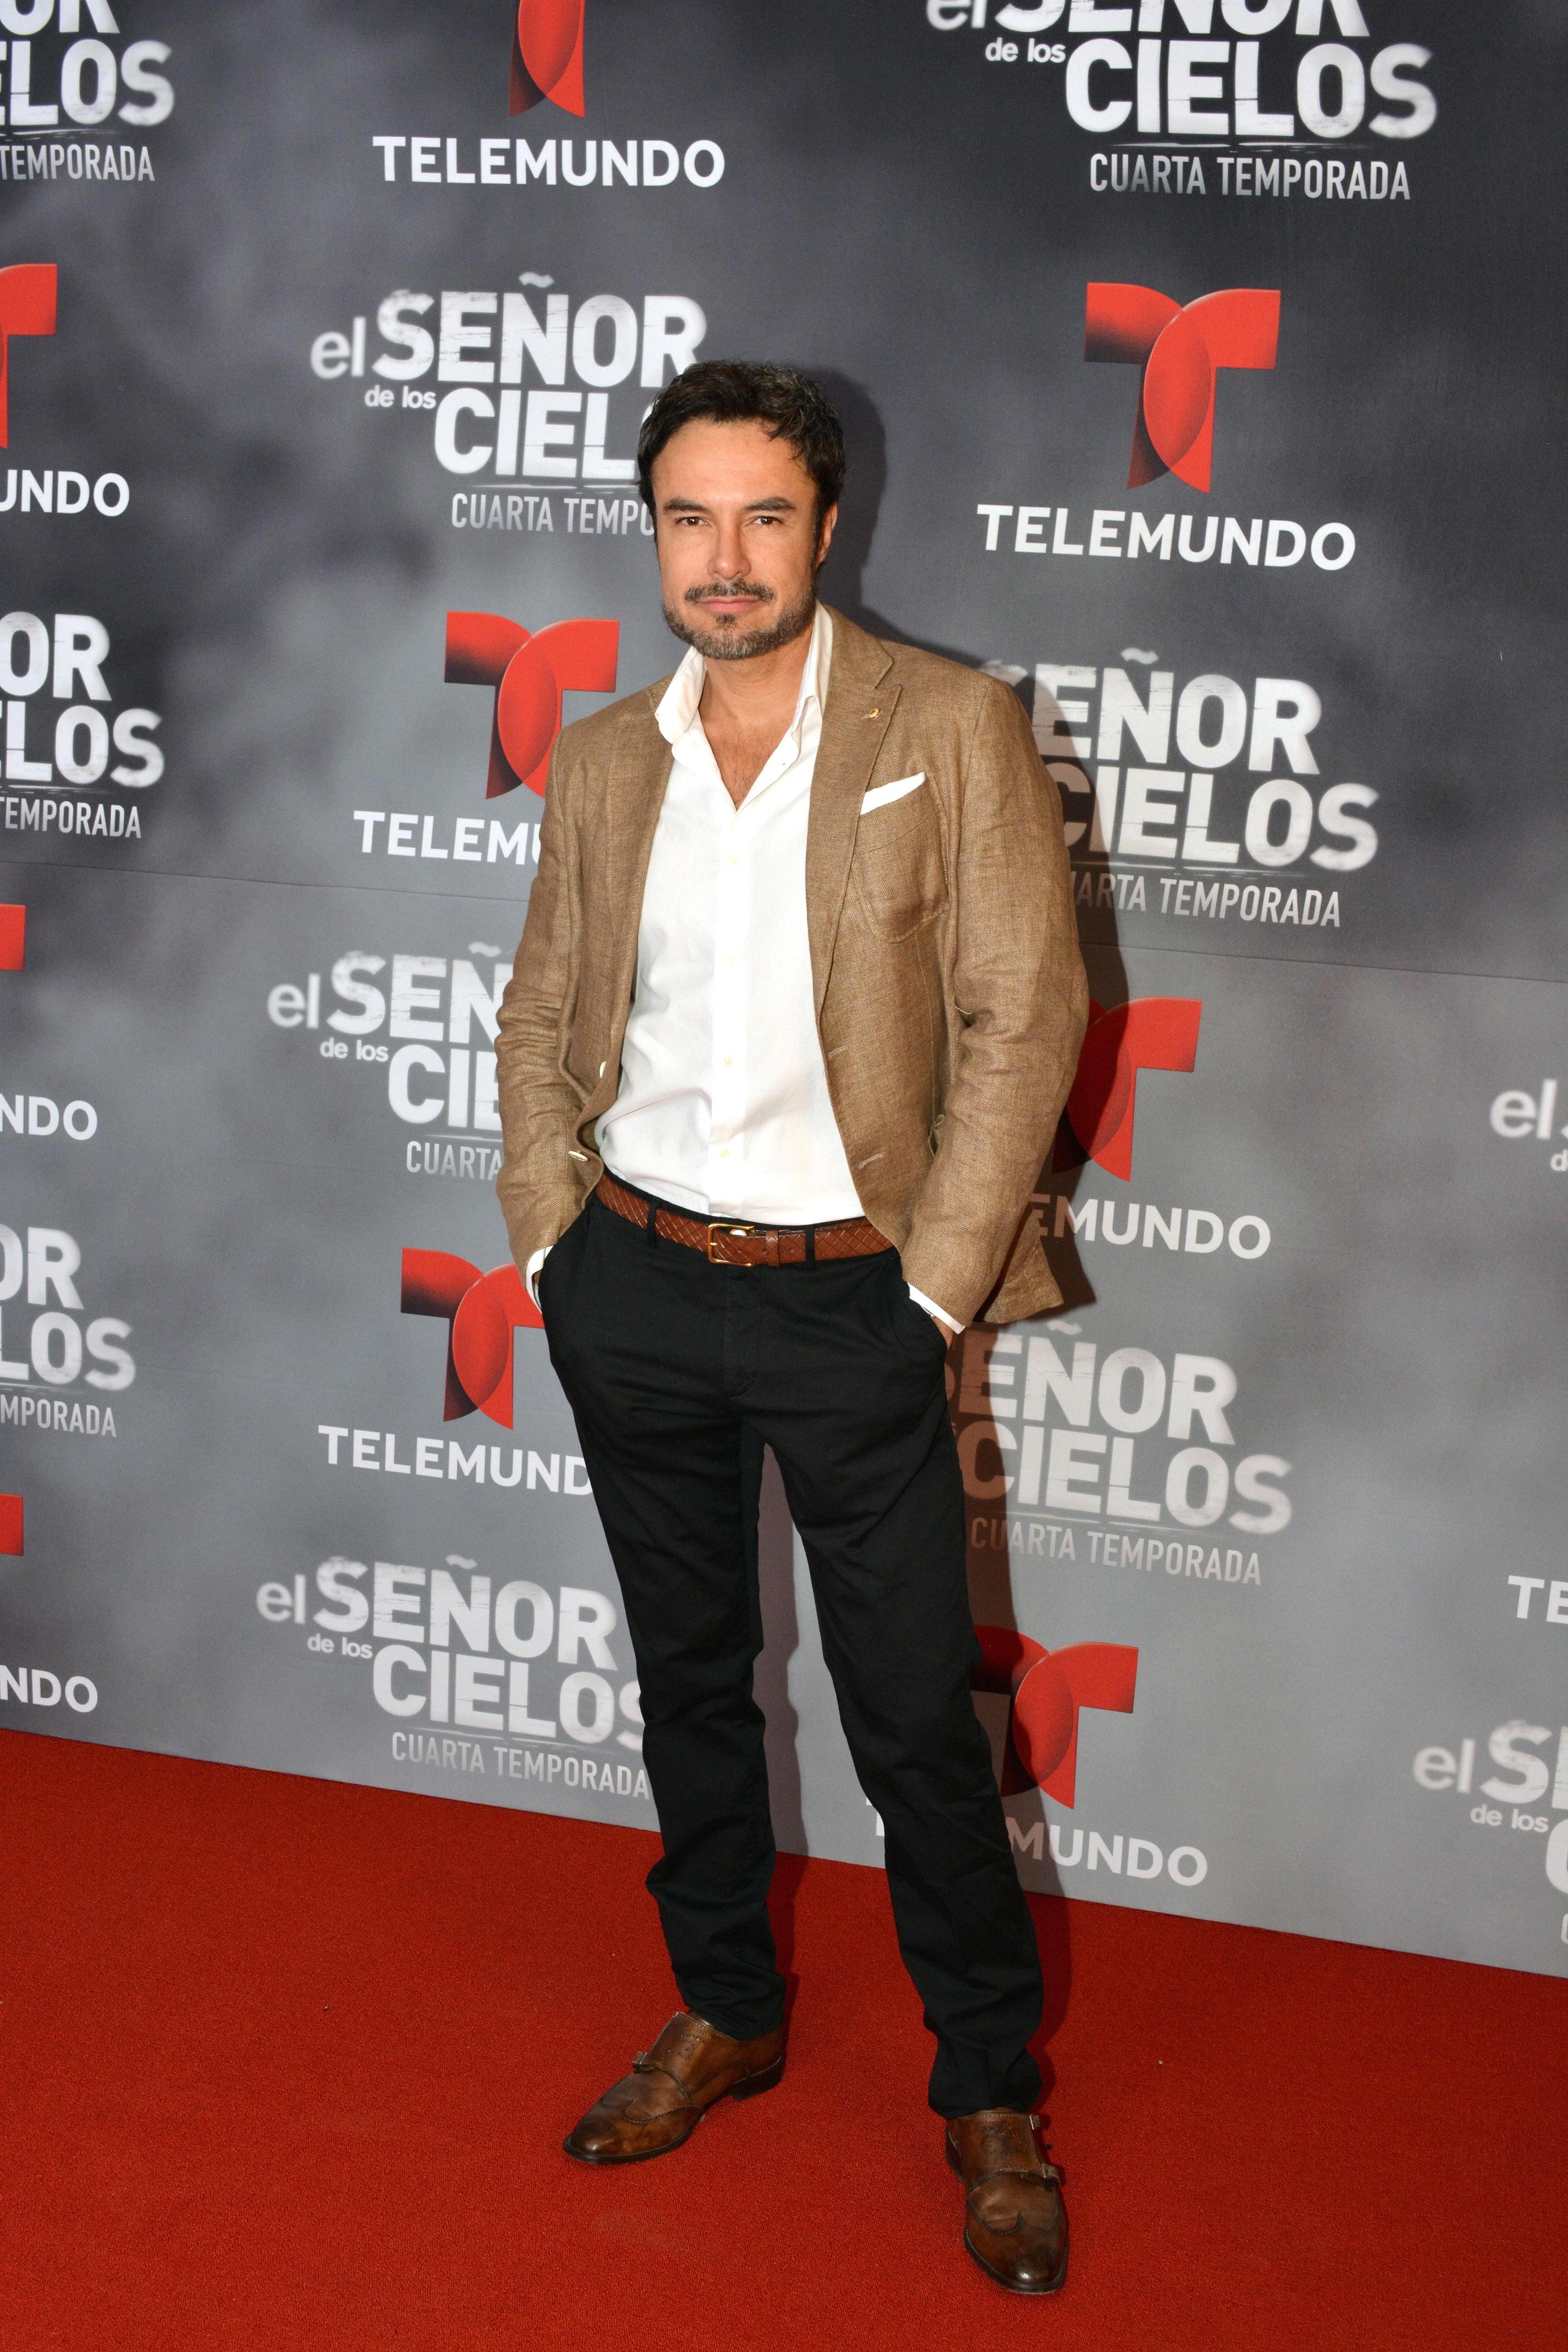 AlejandroLopez001